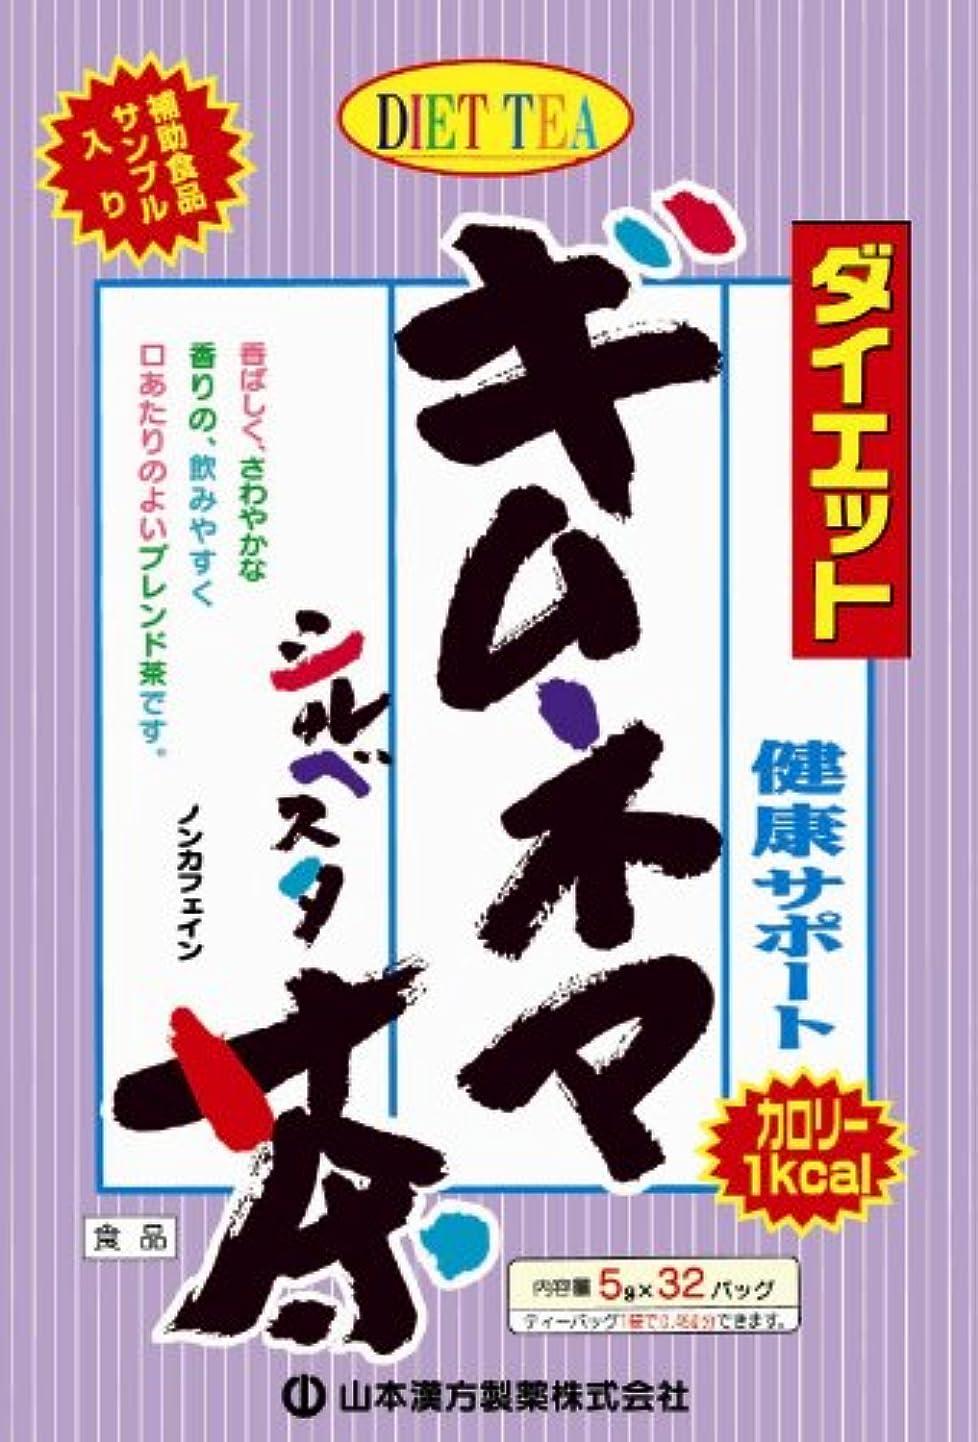 欠伸極小暖かさ山本漢方製薬 ダイエットギムネマシルベスタ茶680 5gX32H